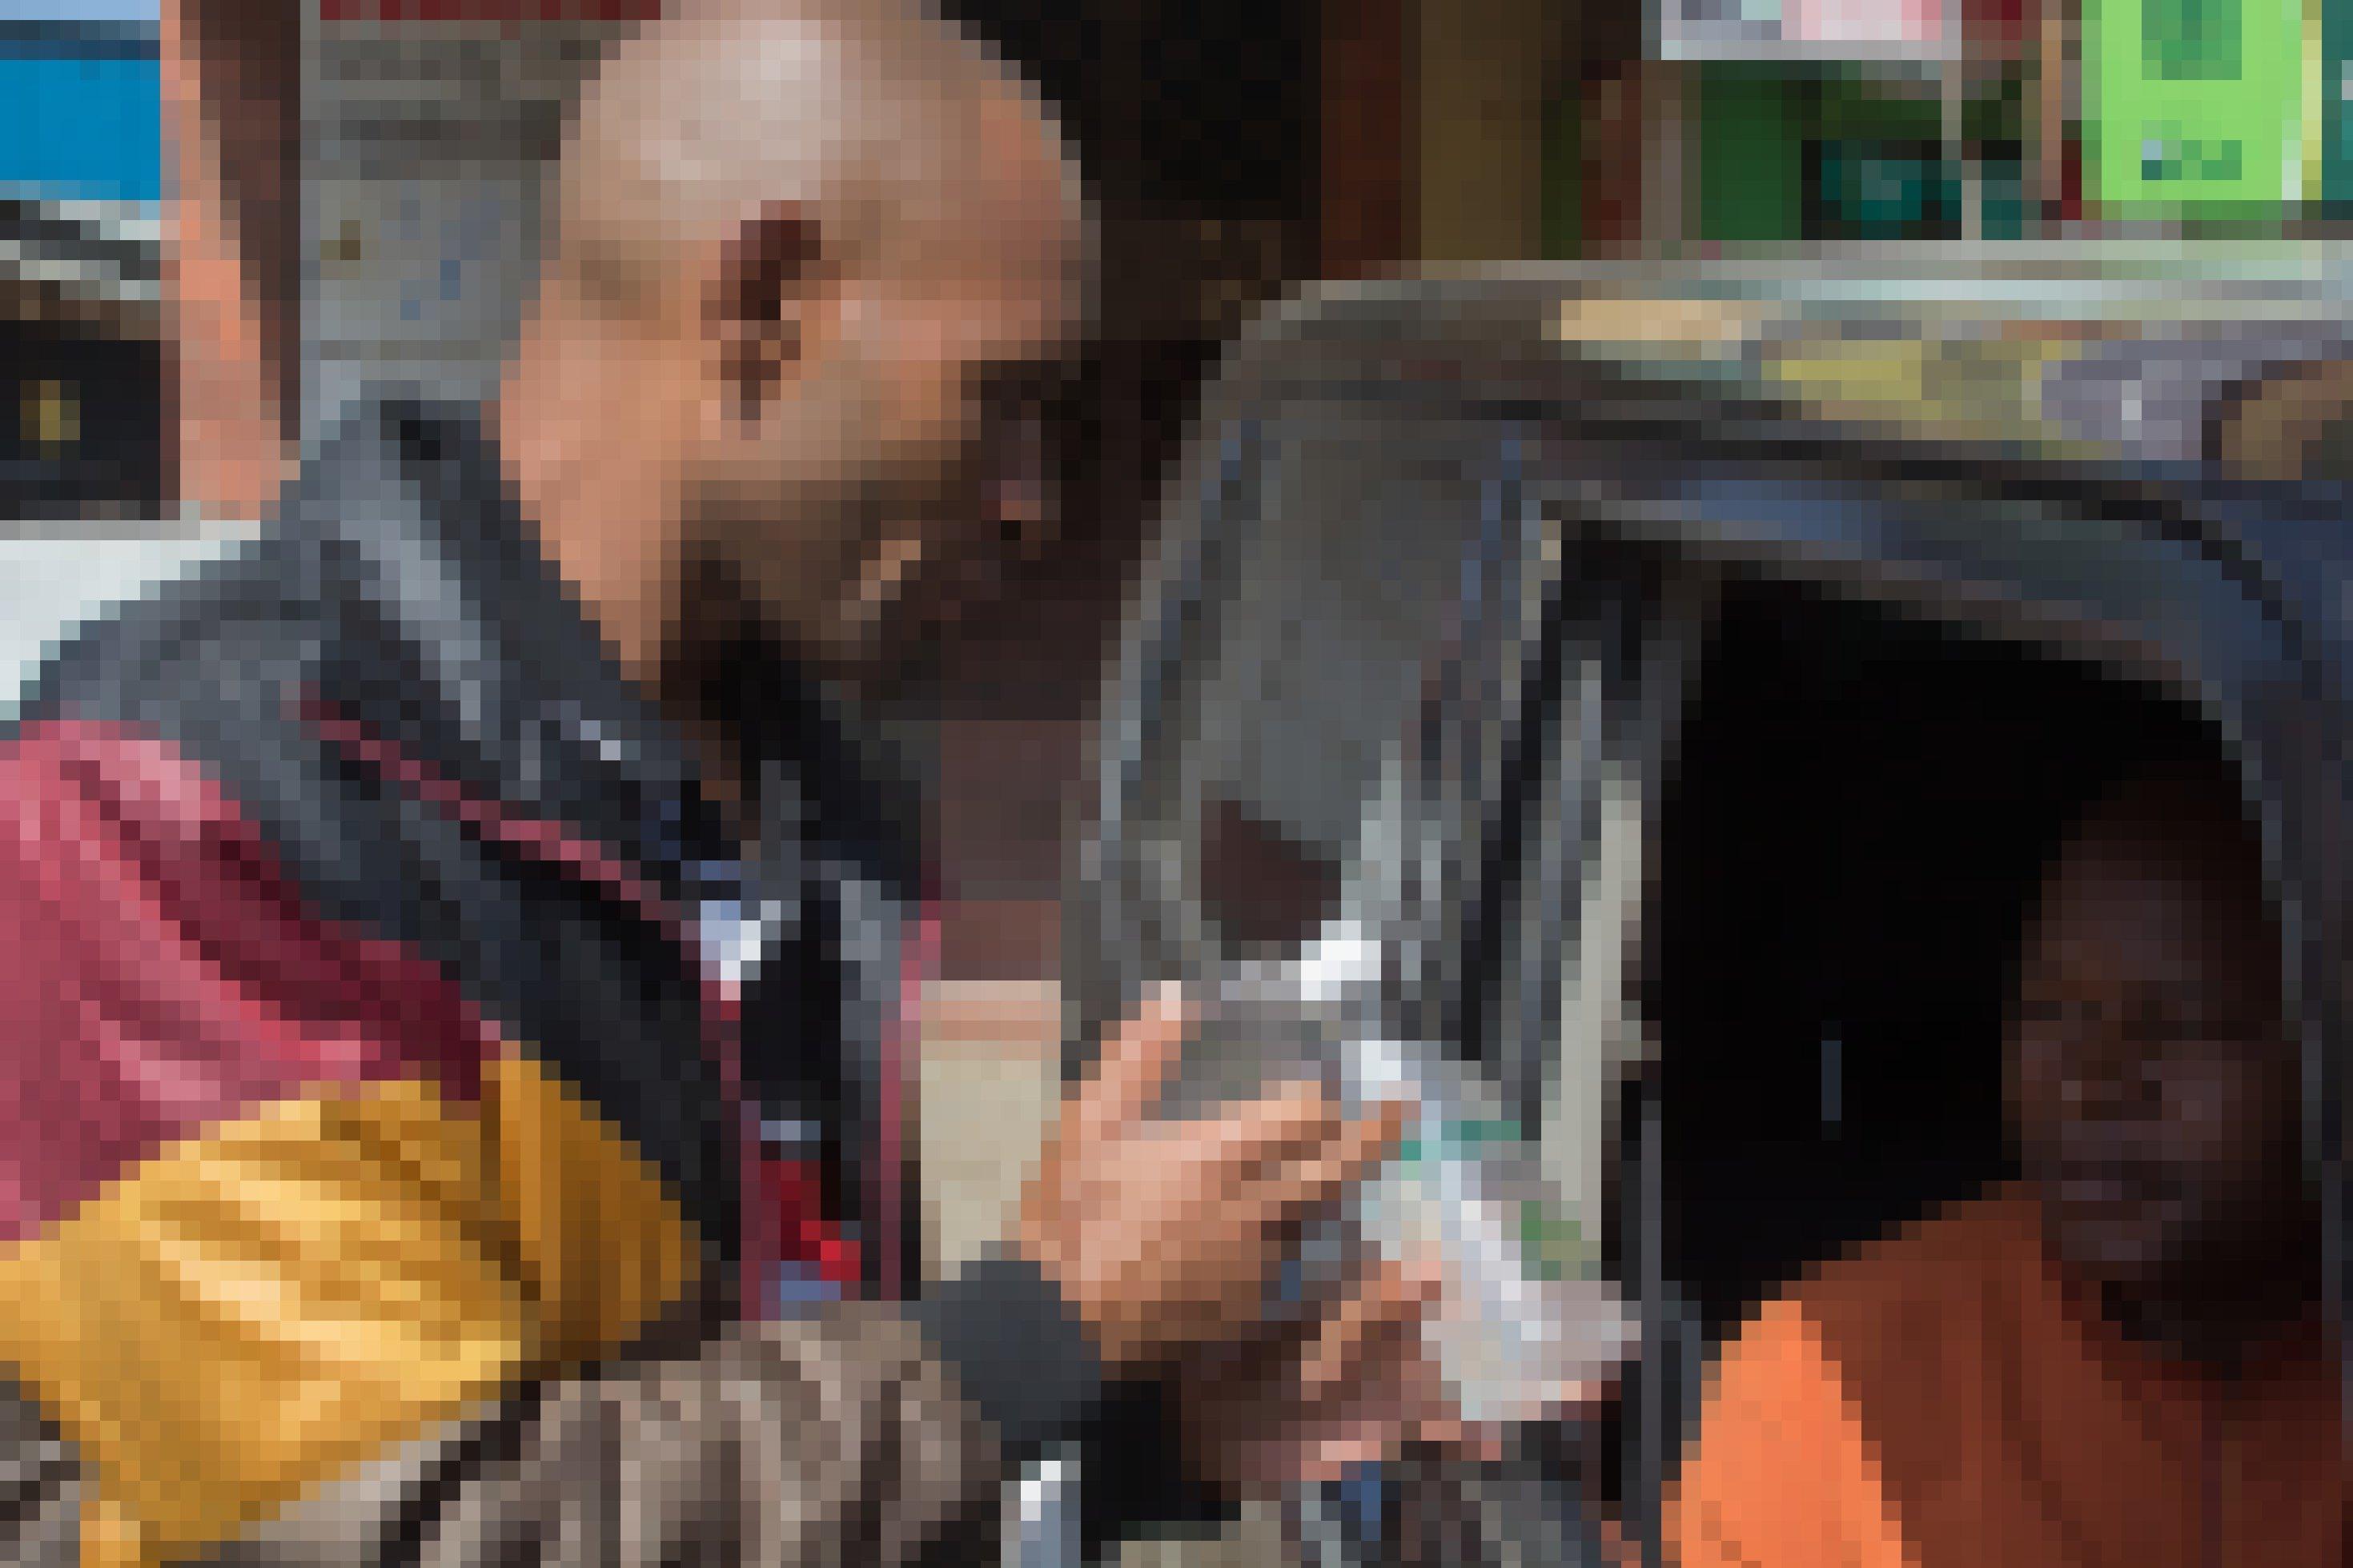 Ein Strassenhändler hält eine Flasche Desinfektionsmittel in ein offenes Autofenster